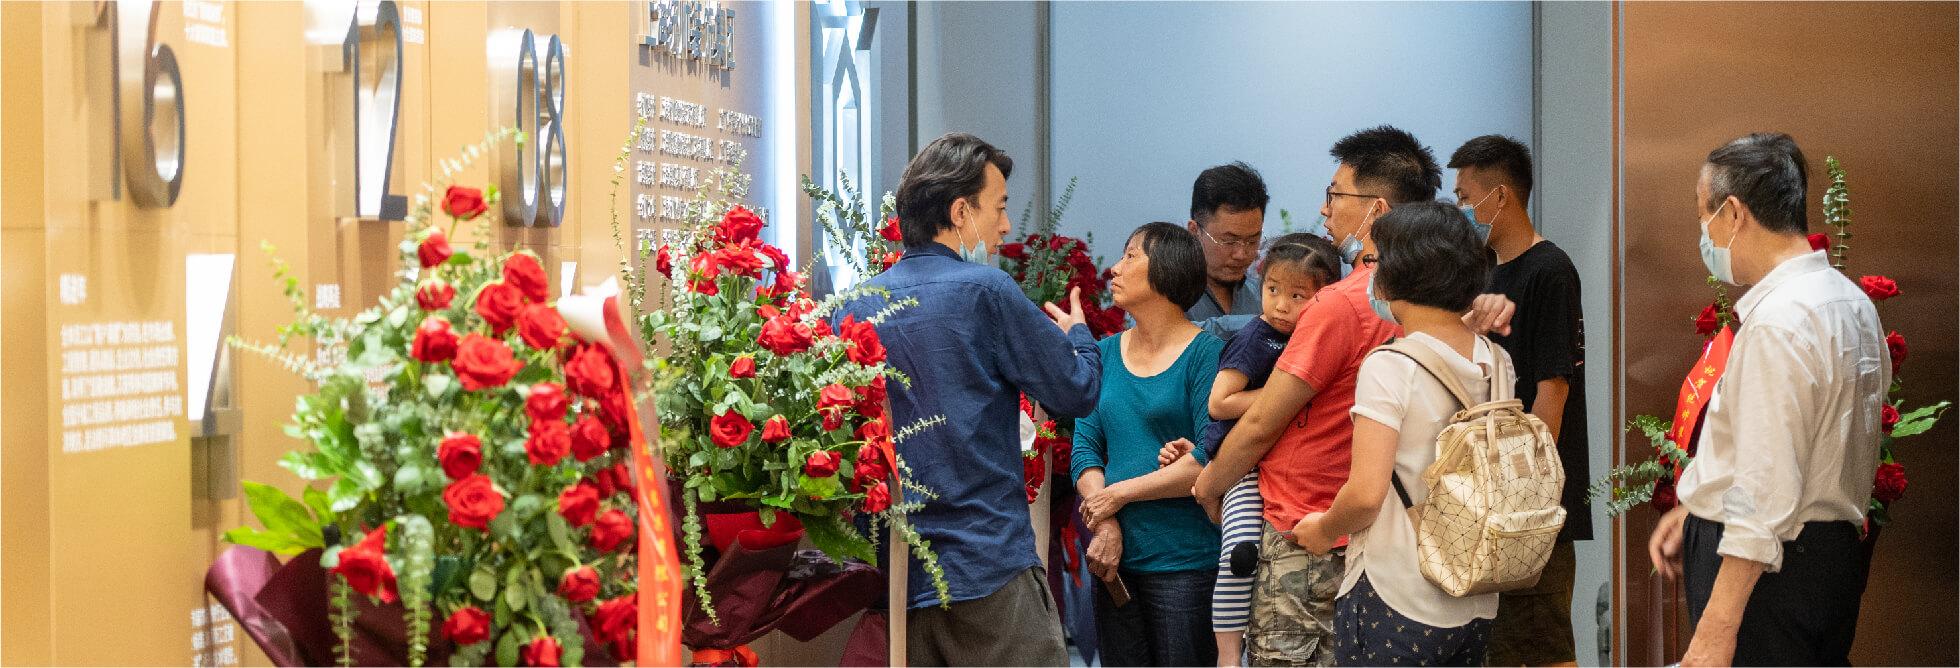 上海家博会现场示图8